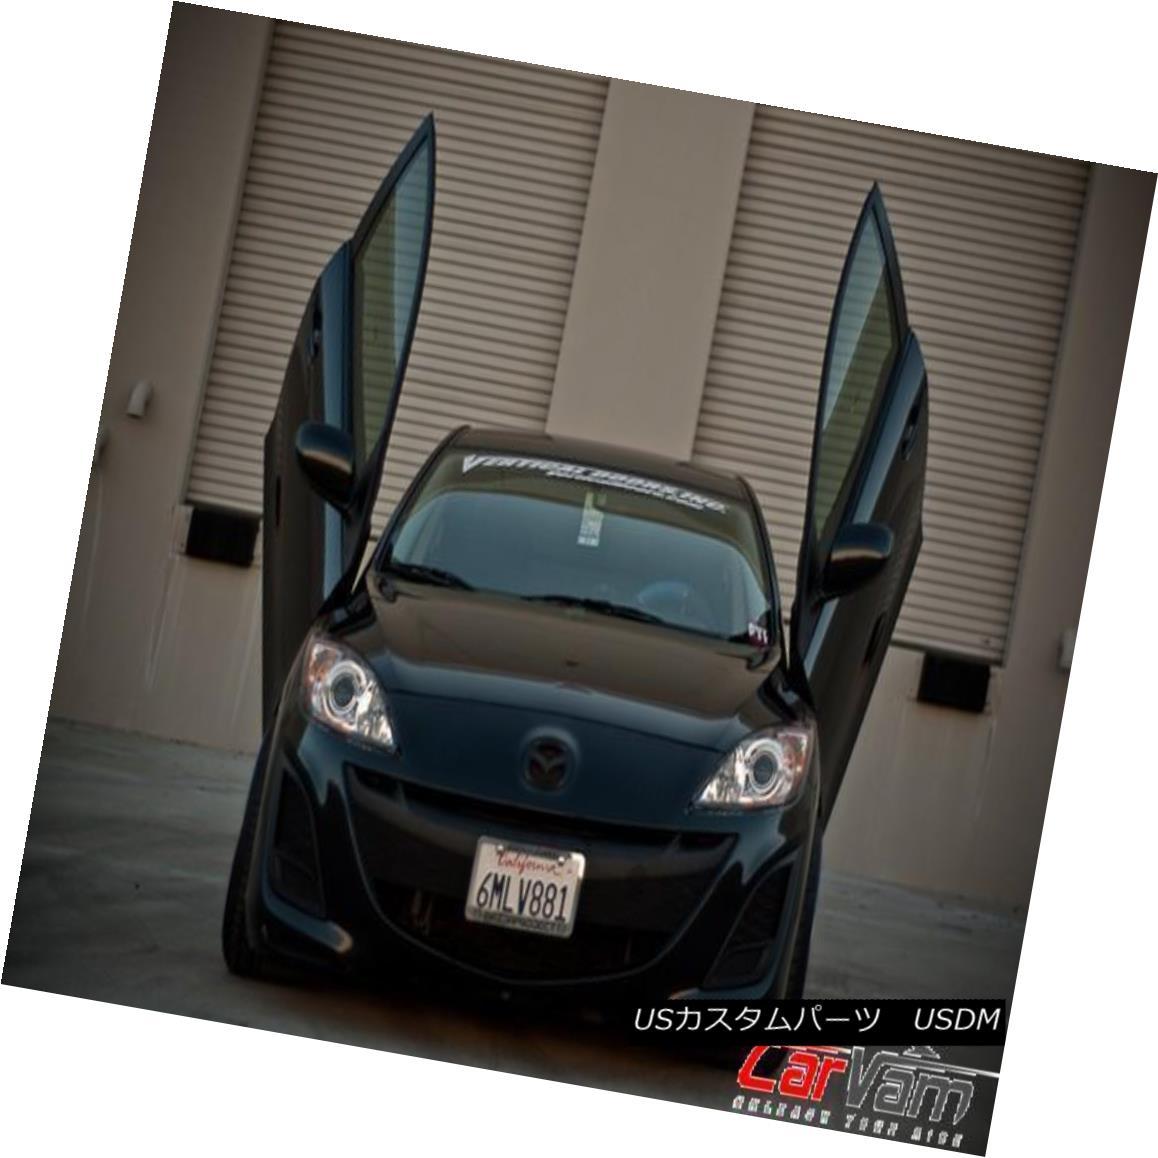 【超歓迎】 ガルウィングキット 2009-11 Vertical Kit Doors - Vertical Lambo Doors Door Kit For Mazda 3 2009-11 -VDCM30911 垂直ドア - 垂直Lamboドアキットforマツダ3 2009-11 -VDCM30911, ショッピング-イタリアーナ:c5bd7210 --- essexadvan.co.uk